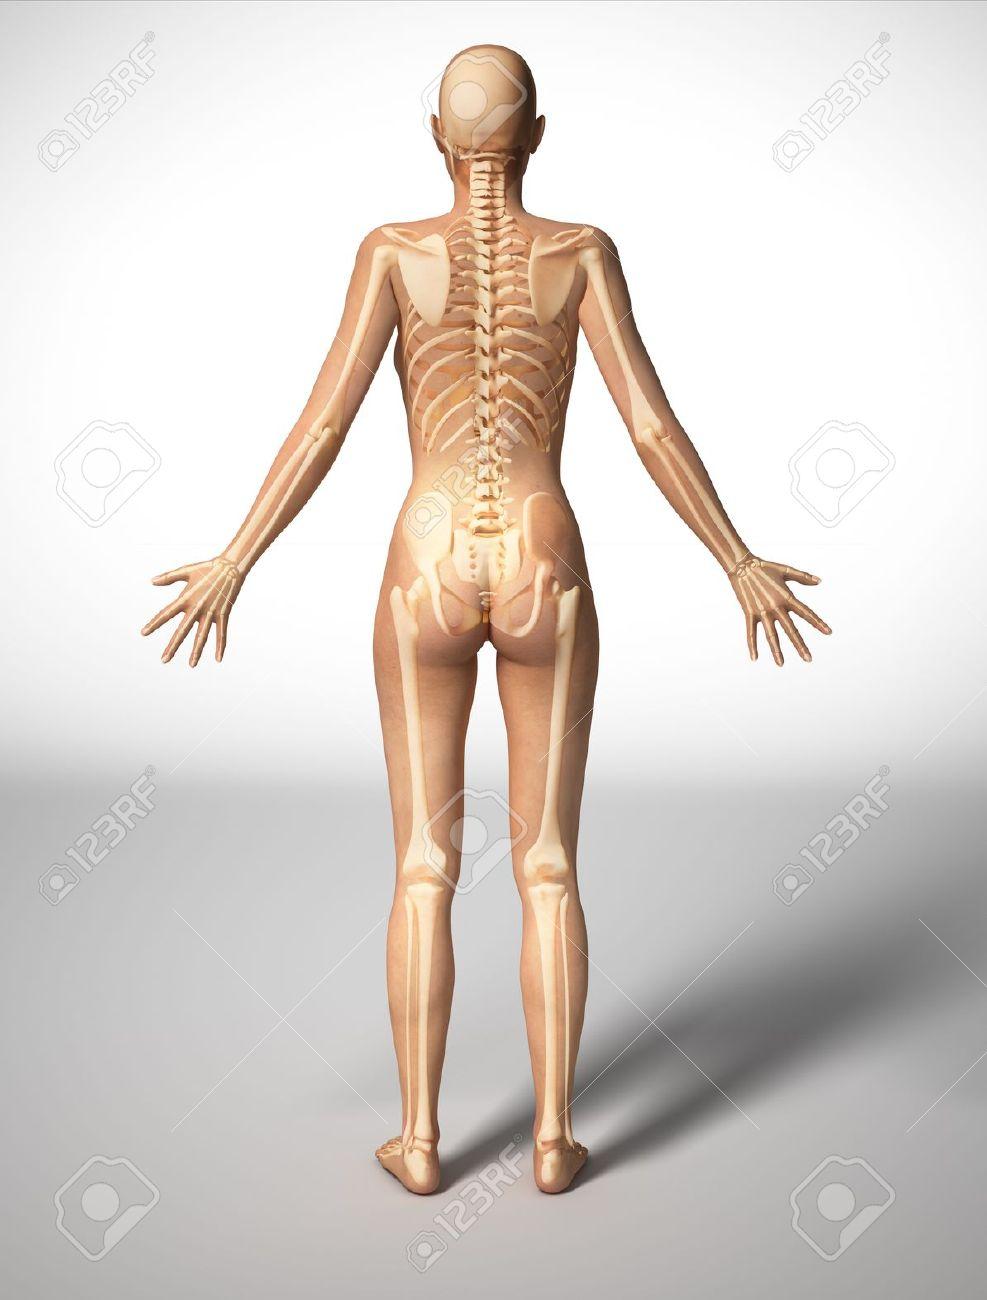 Mujer Desnuda De Pie En El Suelo, Visto Desde Atrás, Con Esqueleto ...